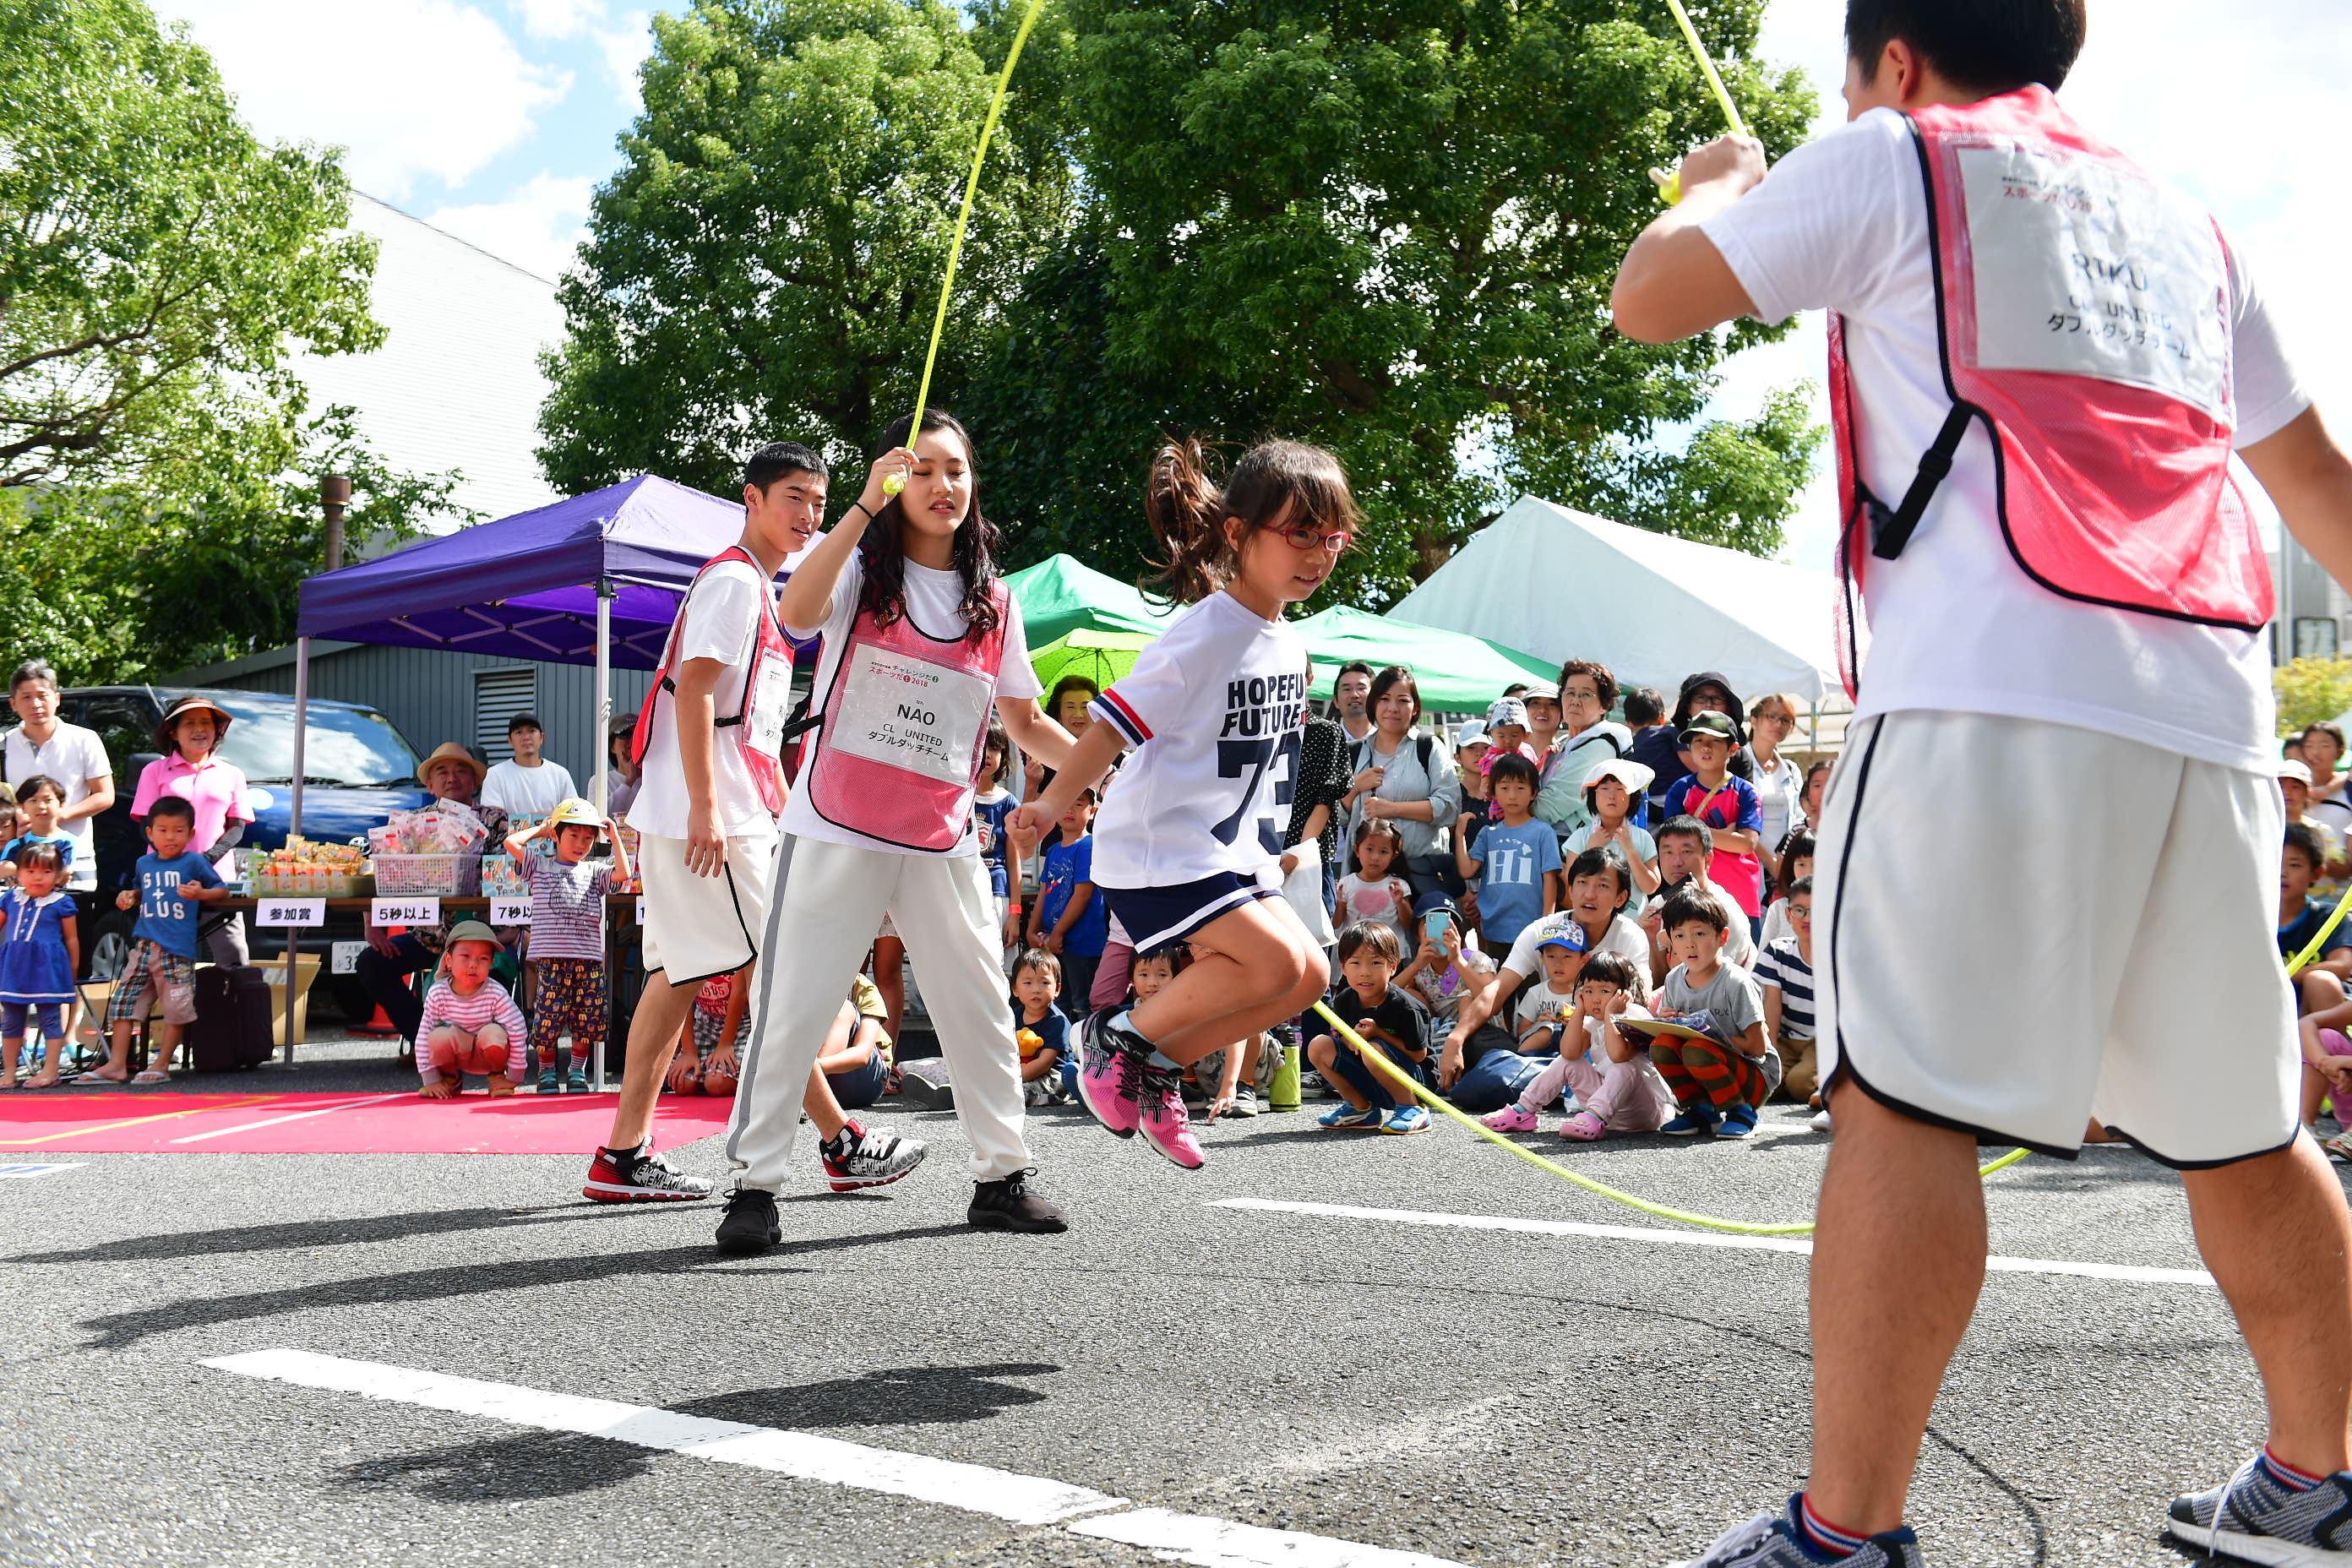 http://news.yoshimoto.co.jp/20181008191609-d4f753b3d250165d00bddd43bd725d023052b004.jpg